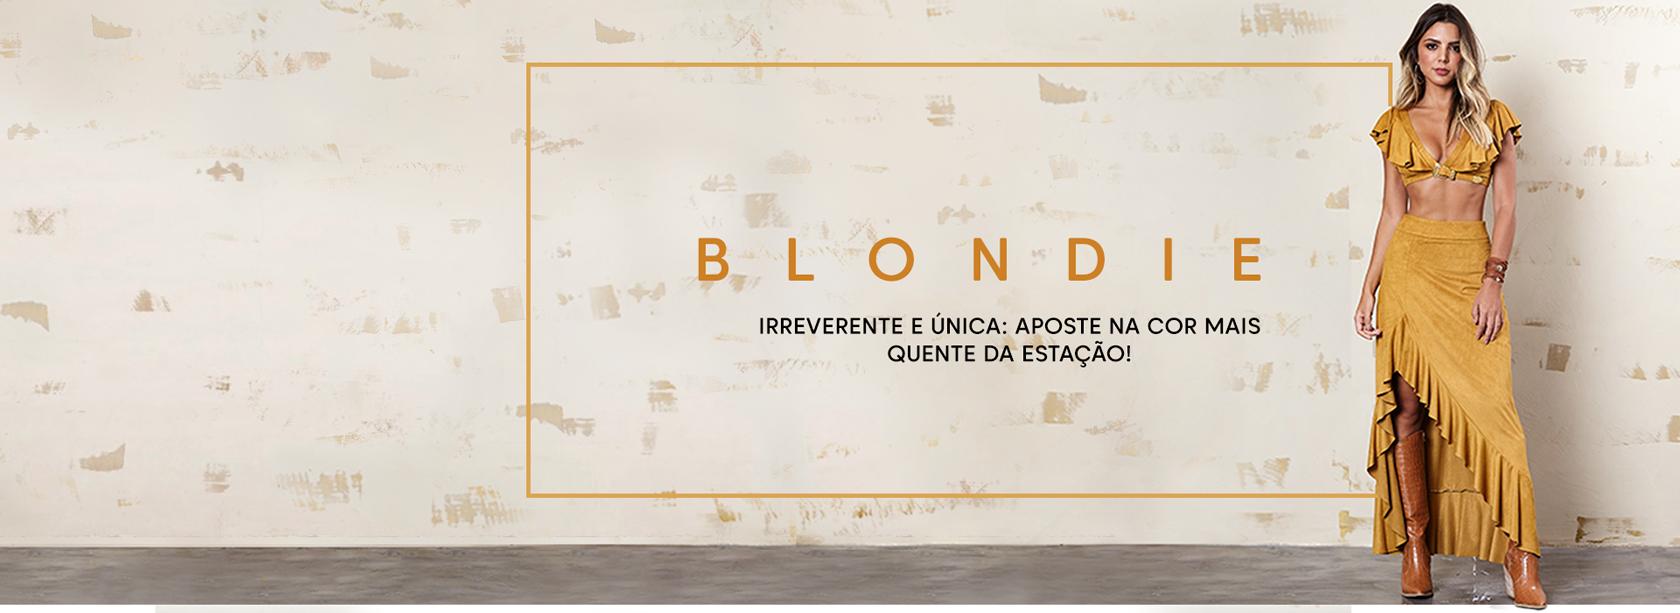 Blondie 20.05